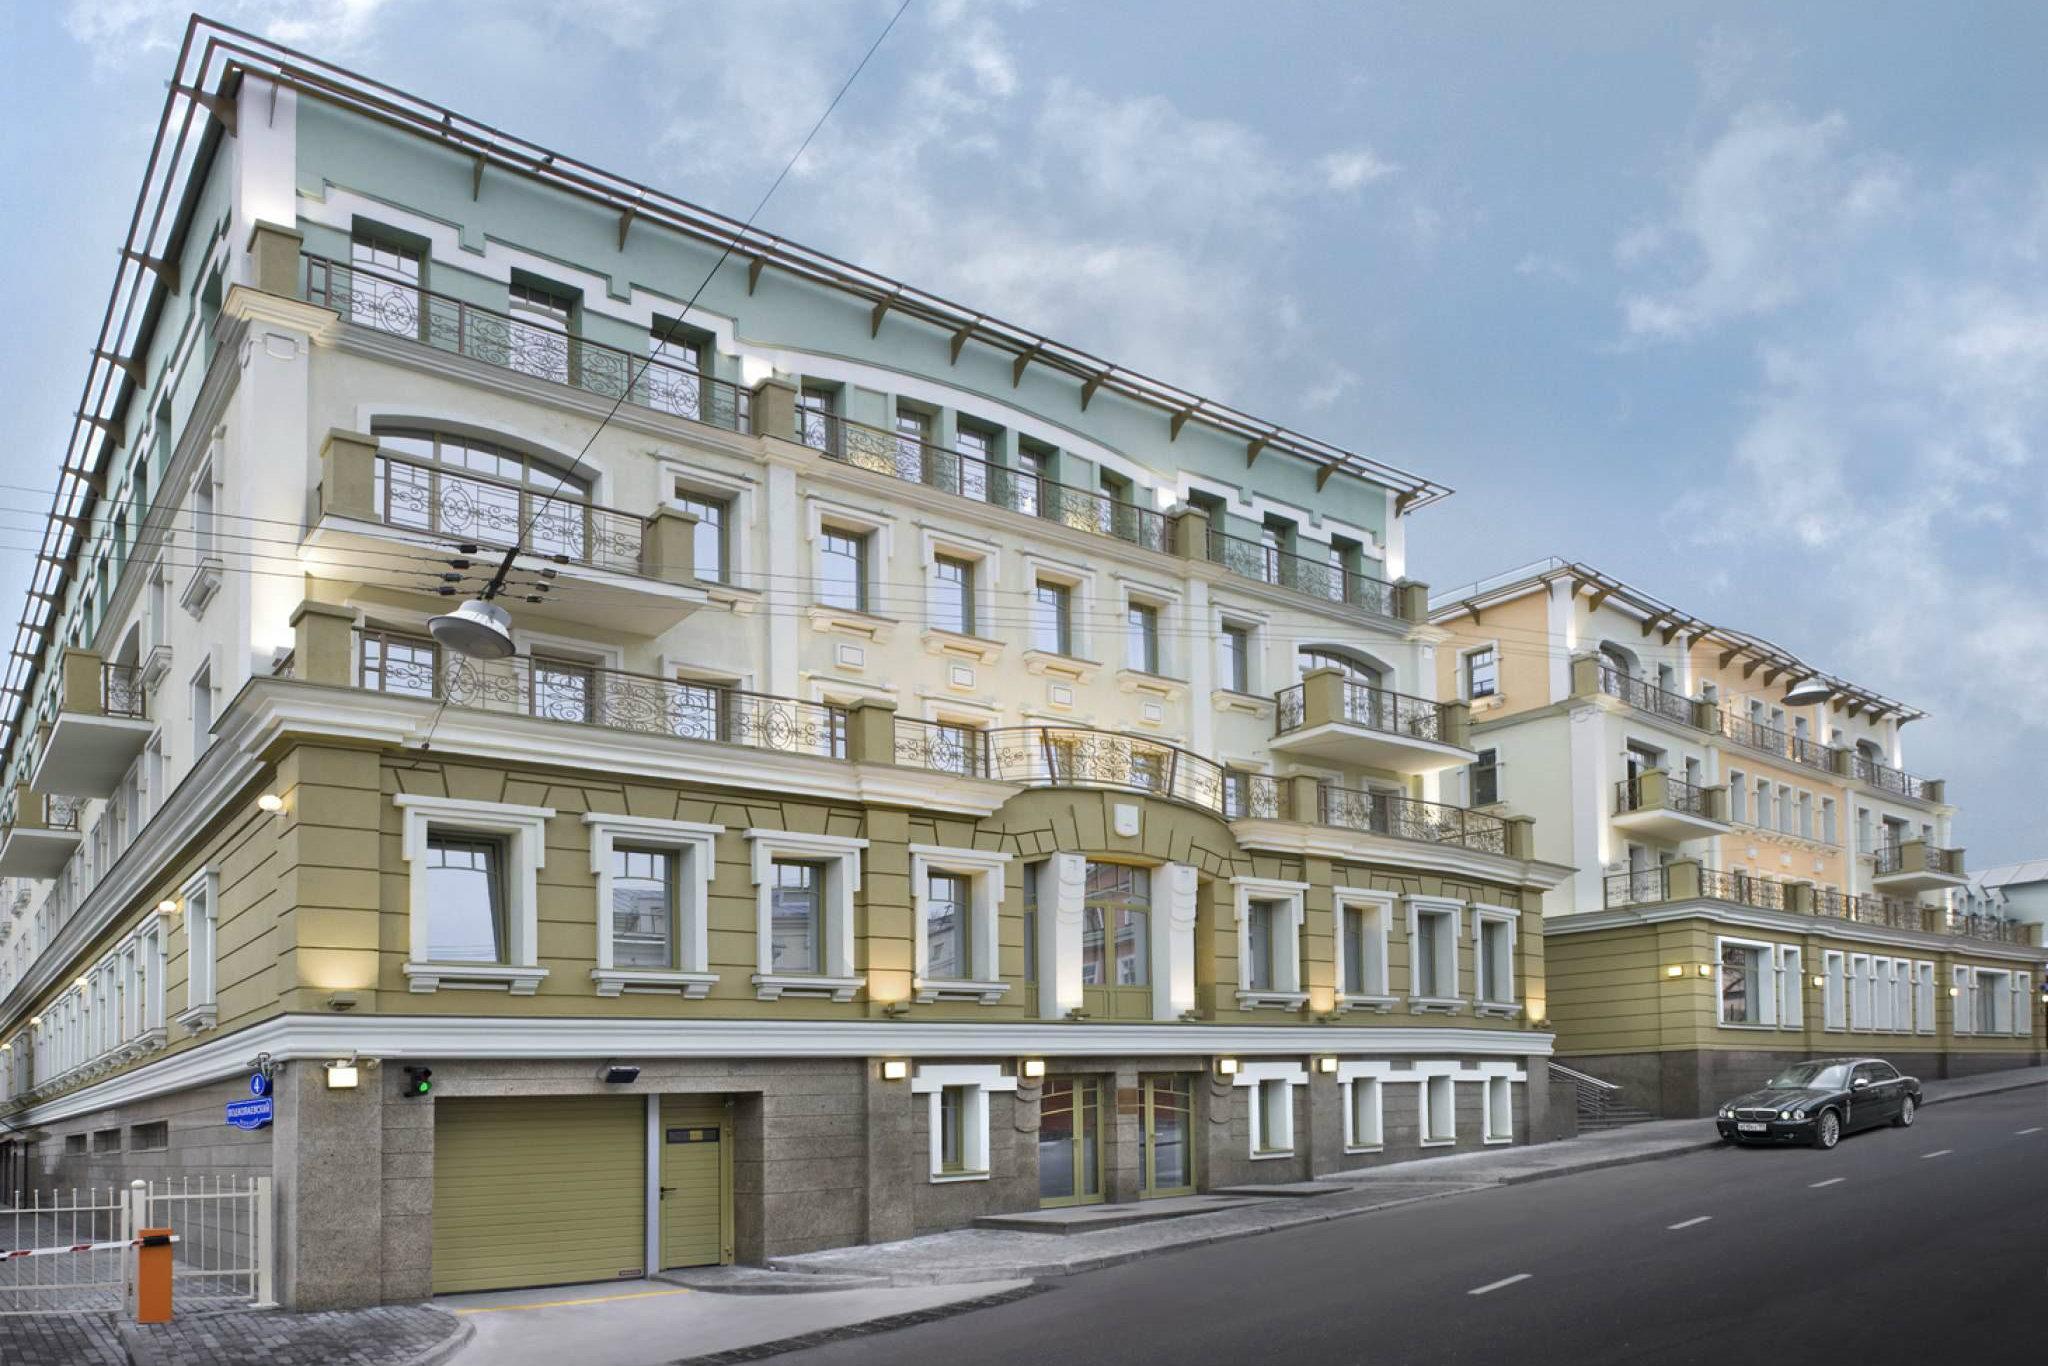 Аренда офисов от собственника Хитровский переулок аренда офиса подмосковье коммунальные услуги